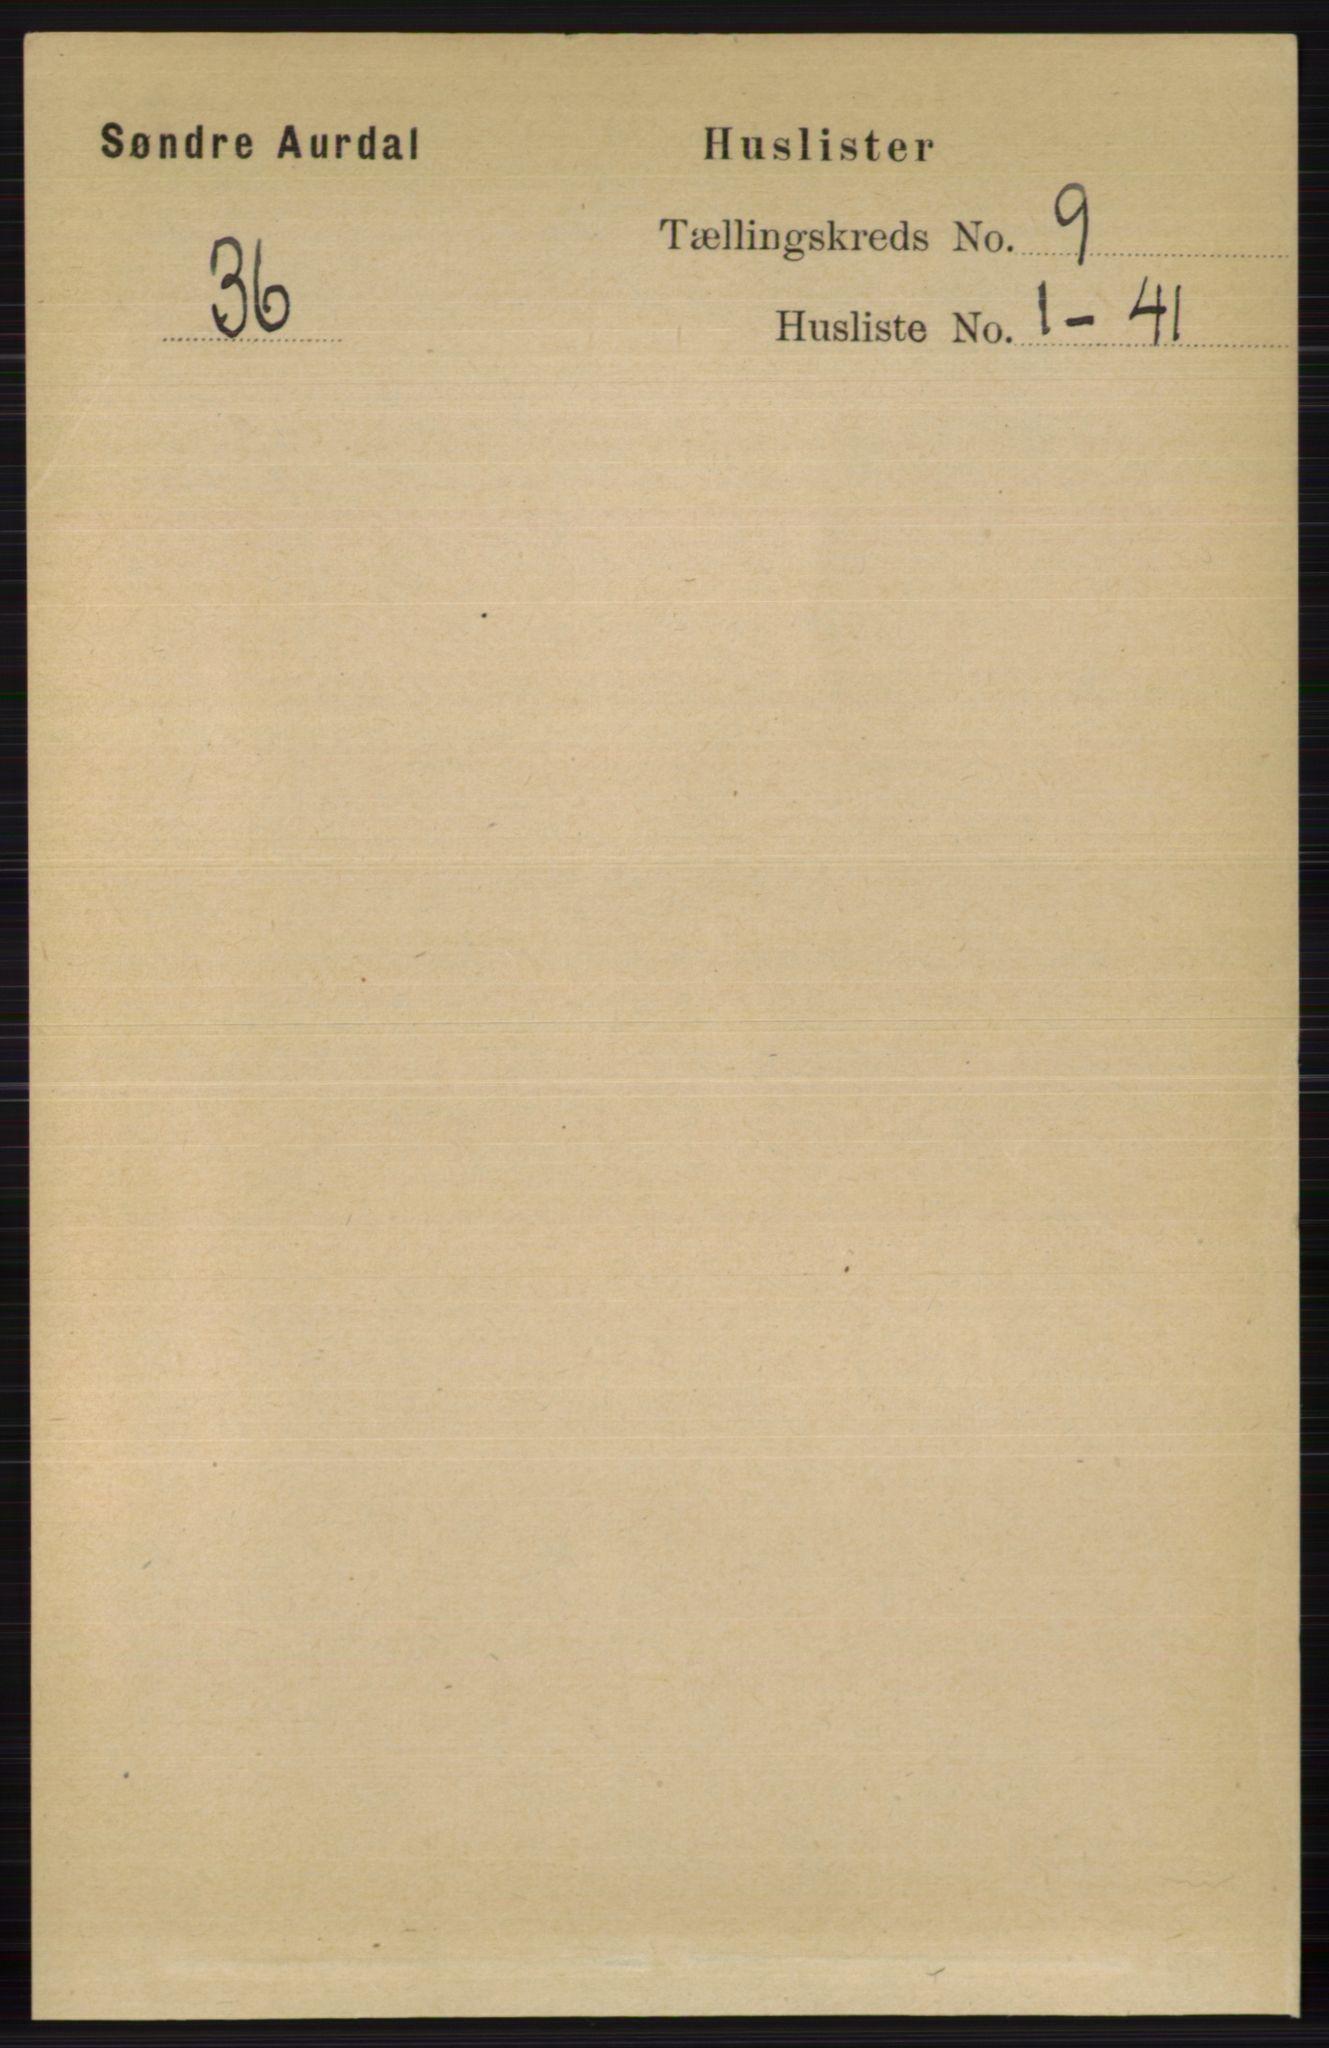 RA, Folketelling 1891 for 0540 Sør-Aurdal herred, 1891, s. 5494